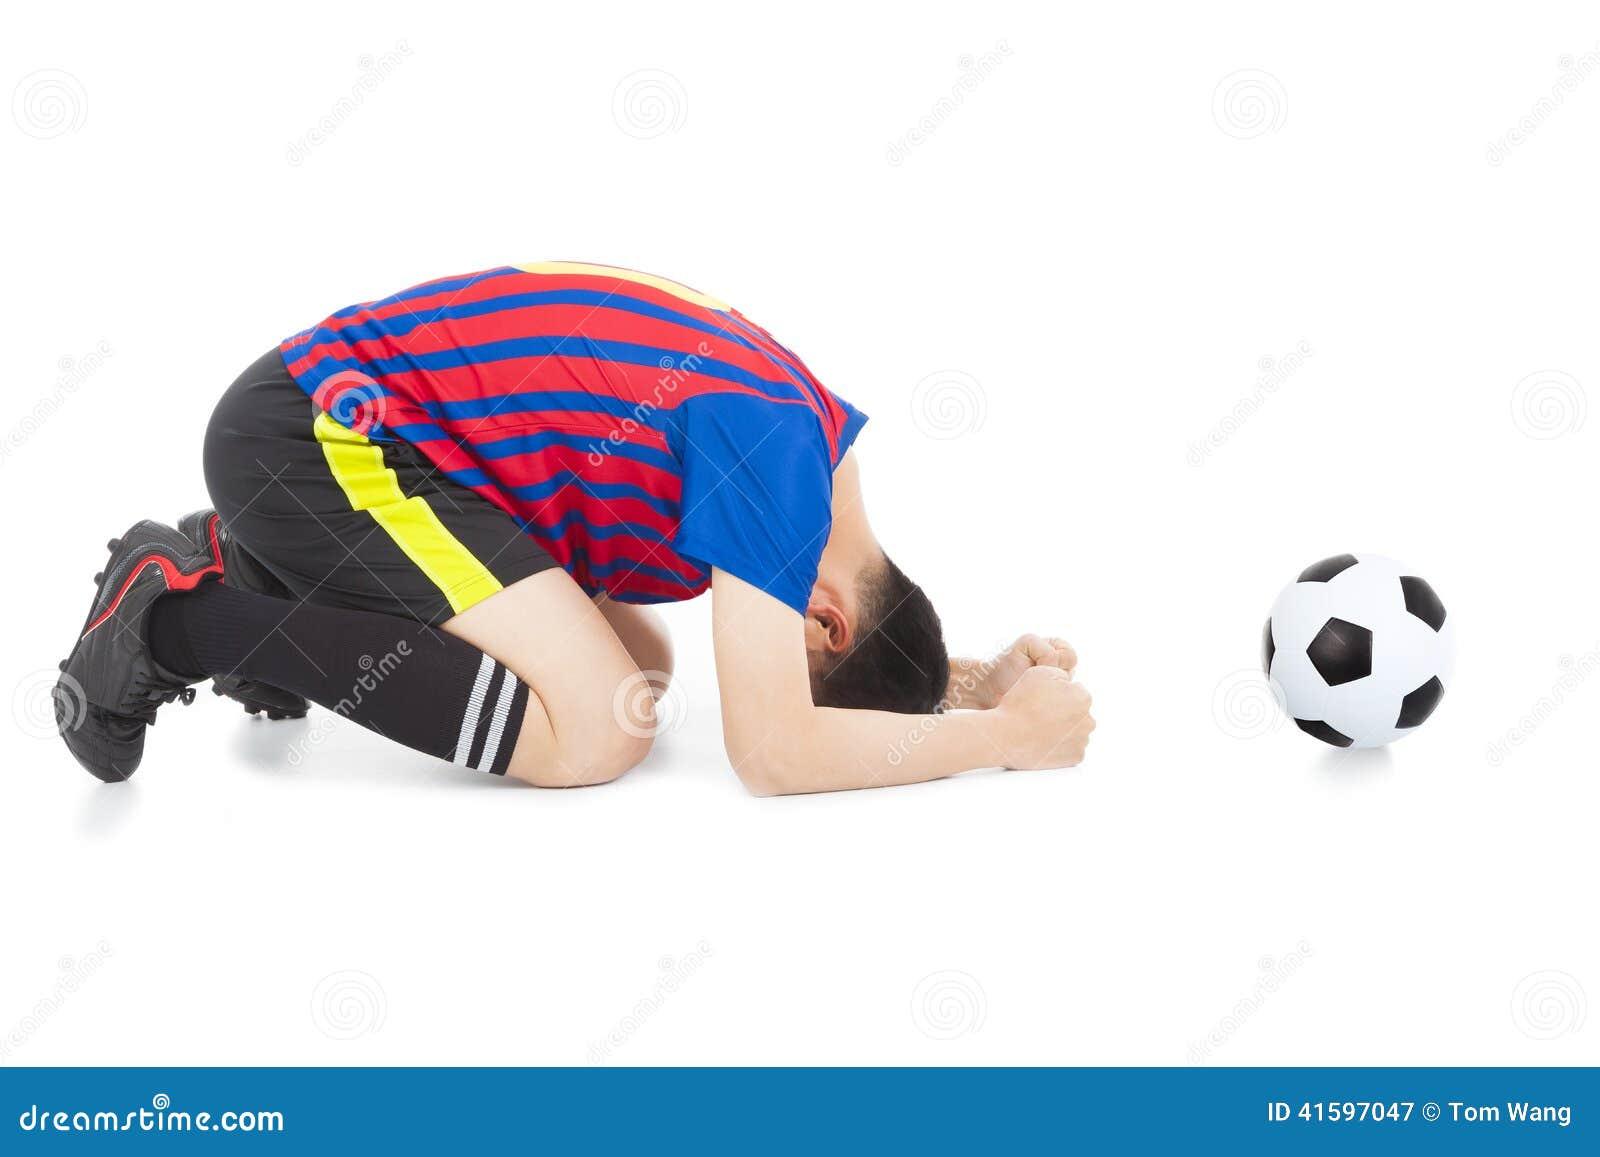 soccer player clip art black white